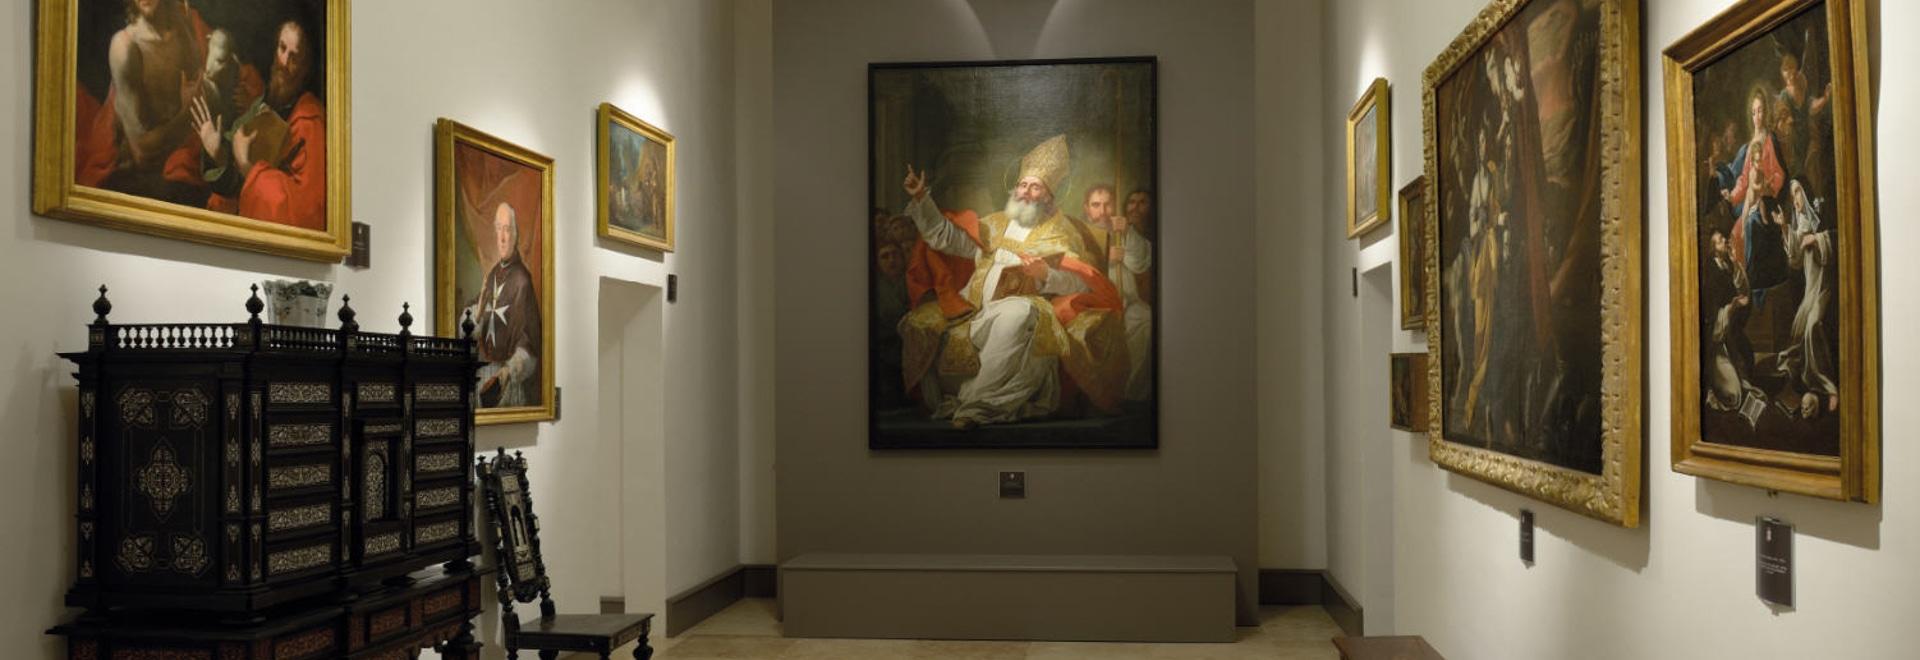 WIGNACOURT MUSEUM